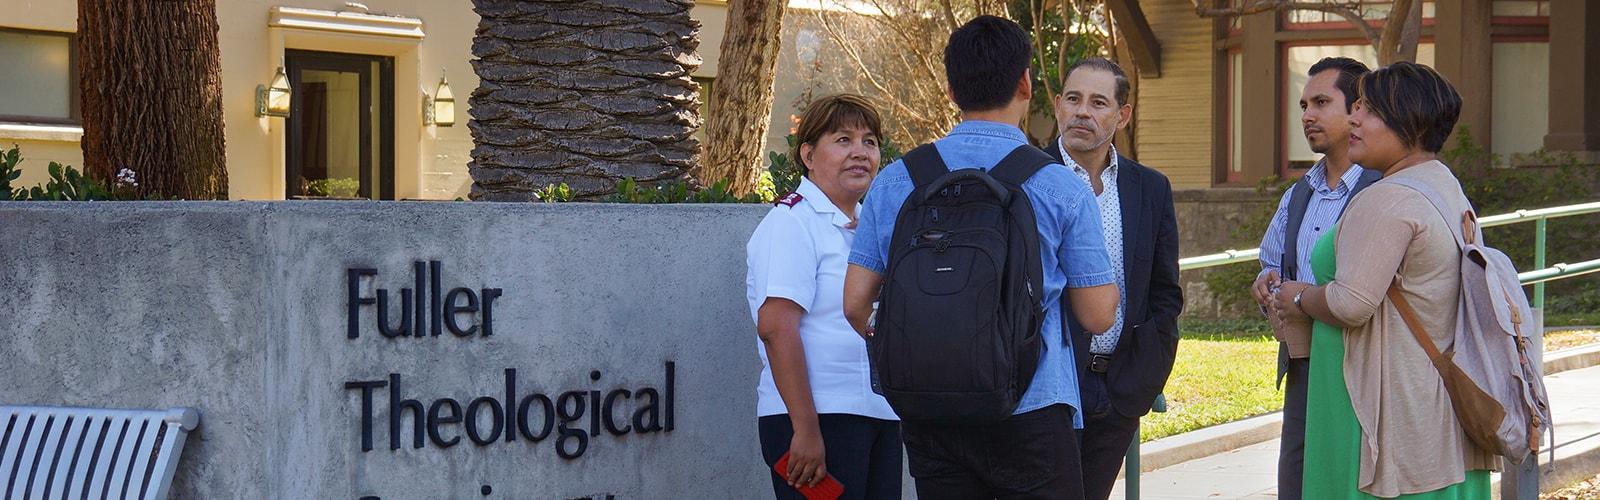 Centro-Latino-Seminario-Teologico-de-Fuller